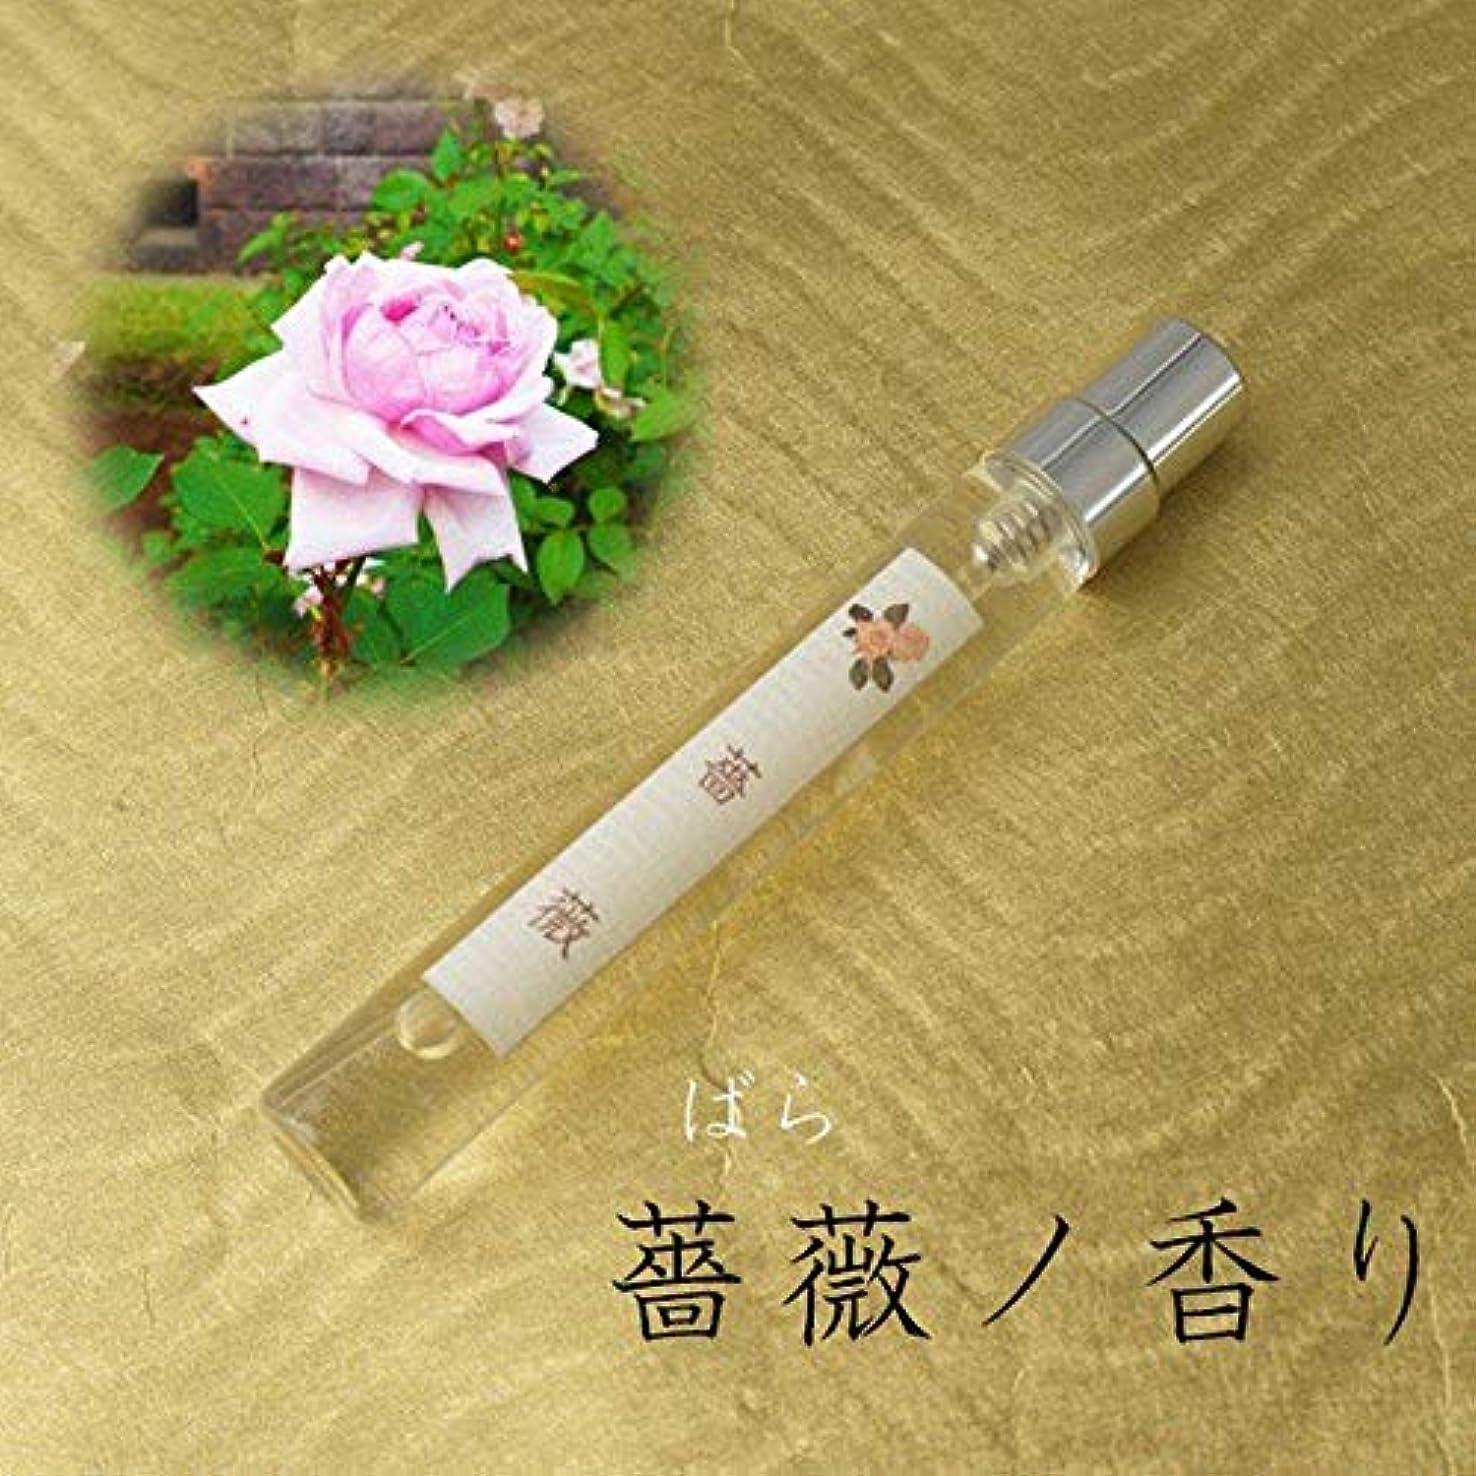 重くする維持する素朴な嗅ぐ楽しみ付花ボトルセット リアル花ノ香 和薔薇